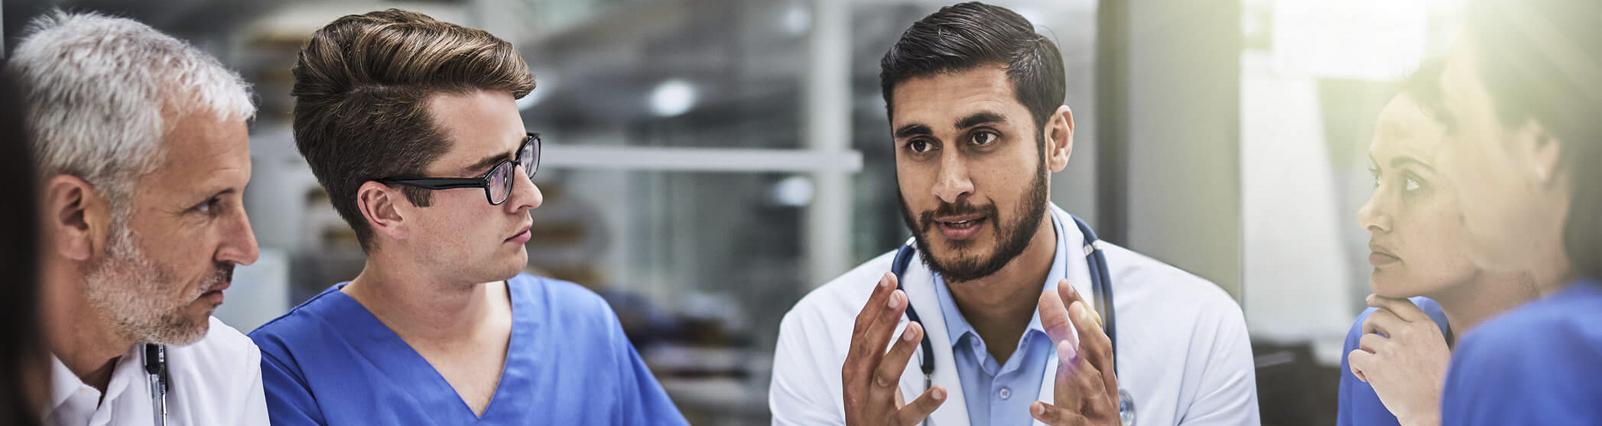 O que faz um auditor de saúde?